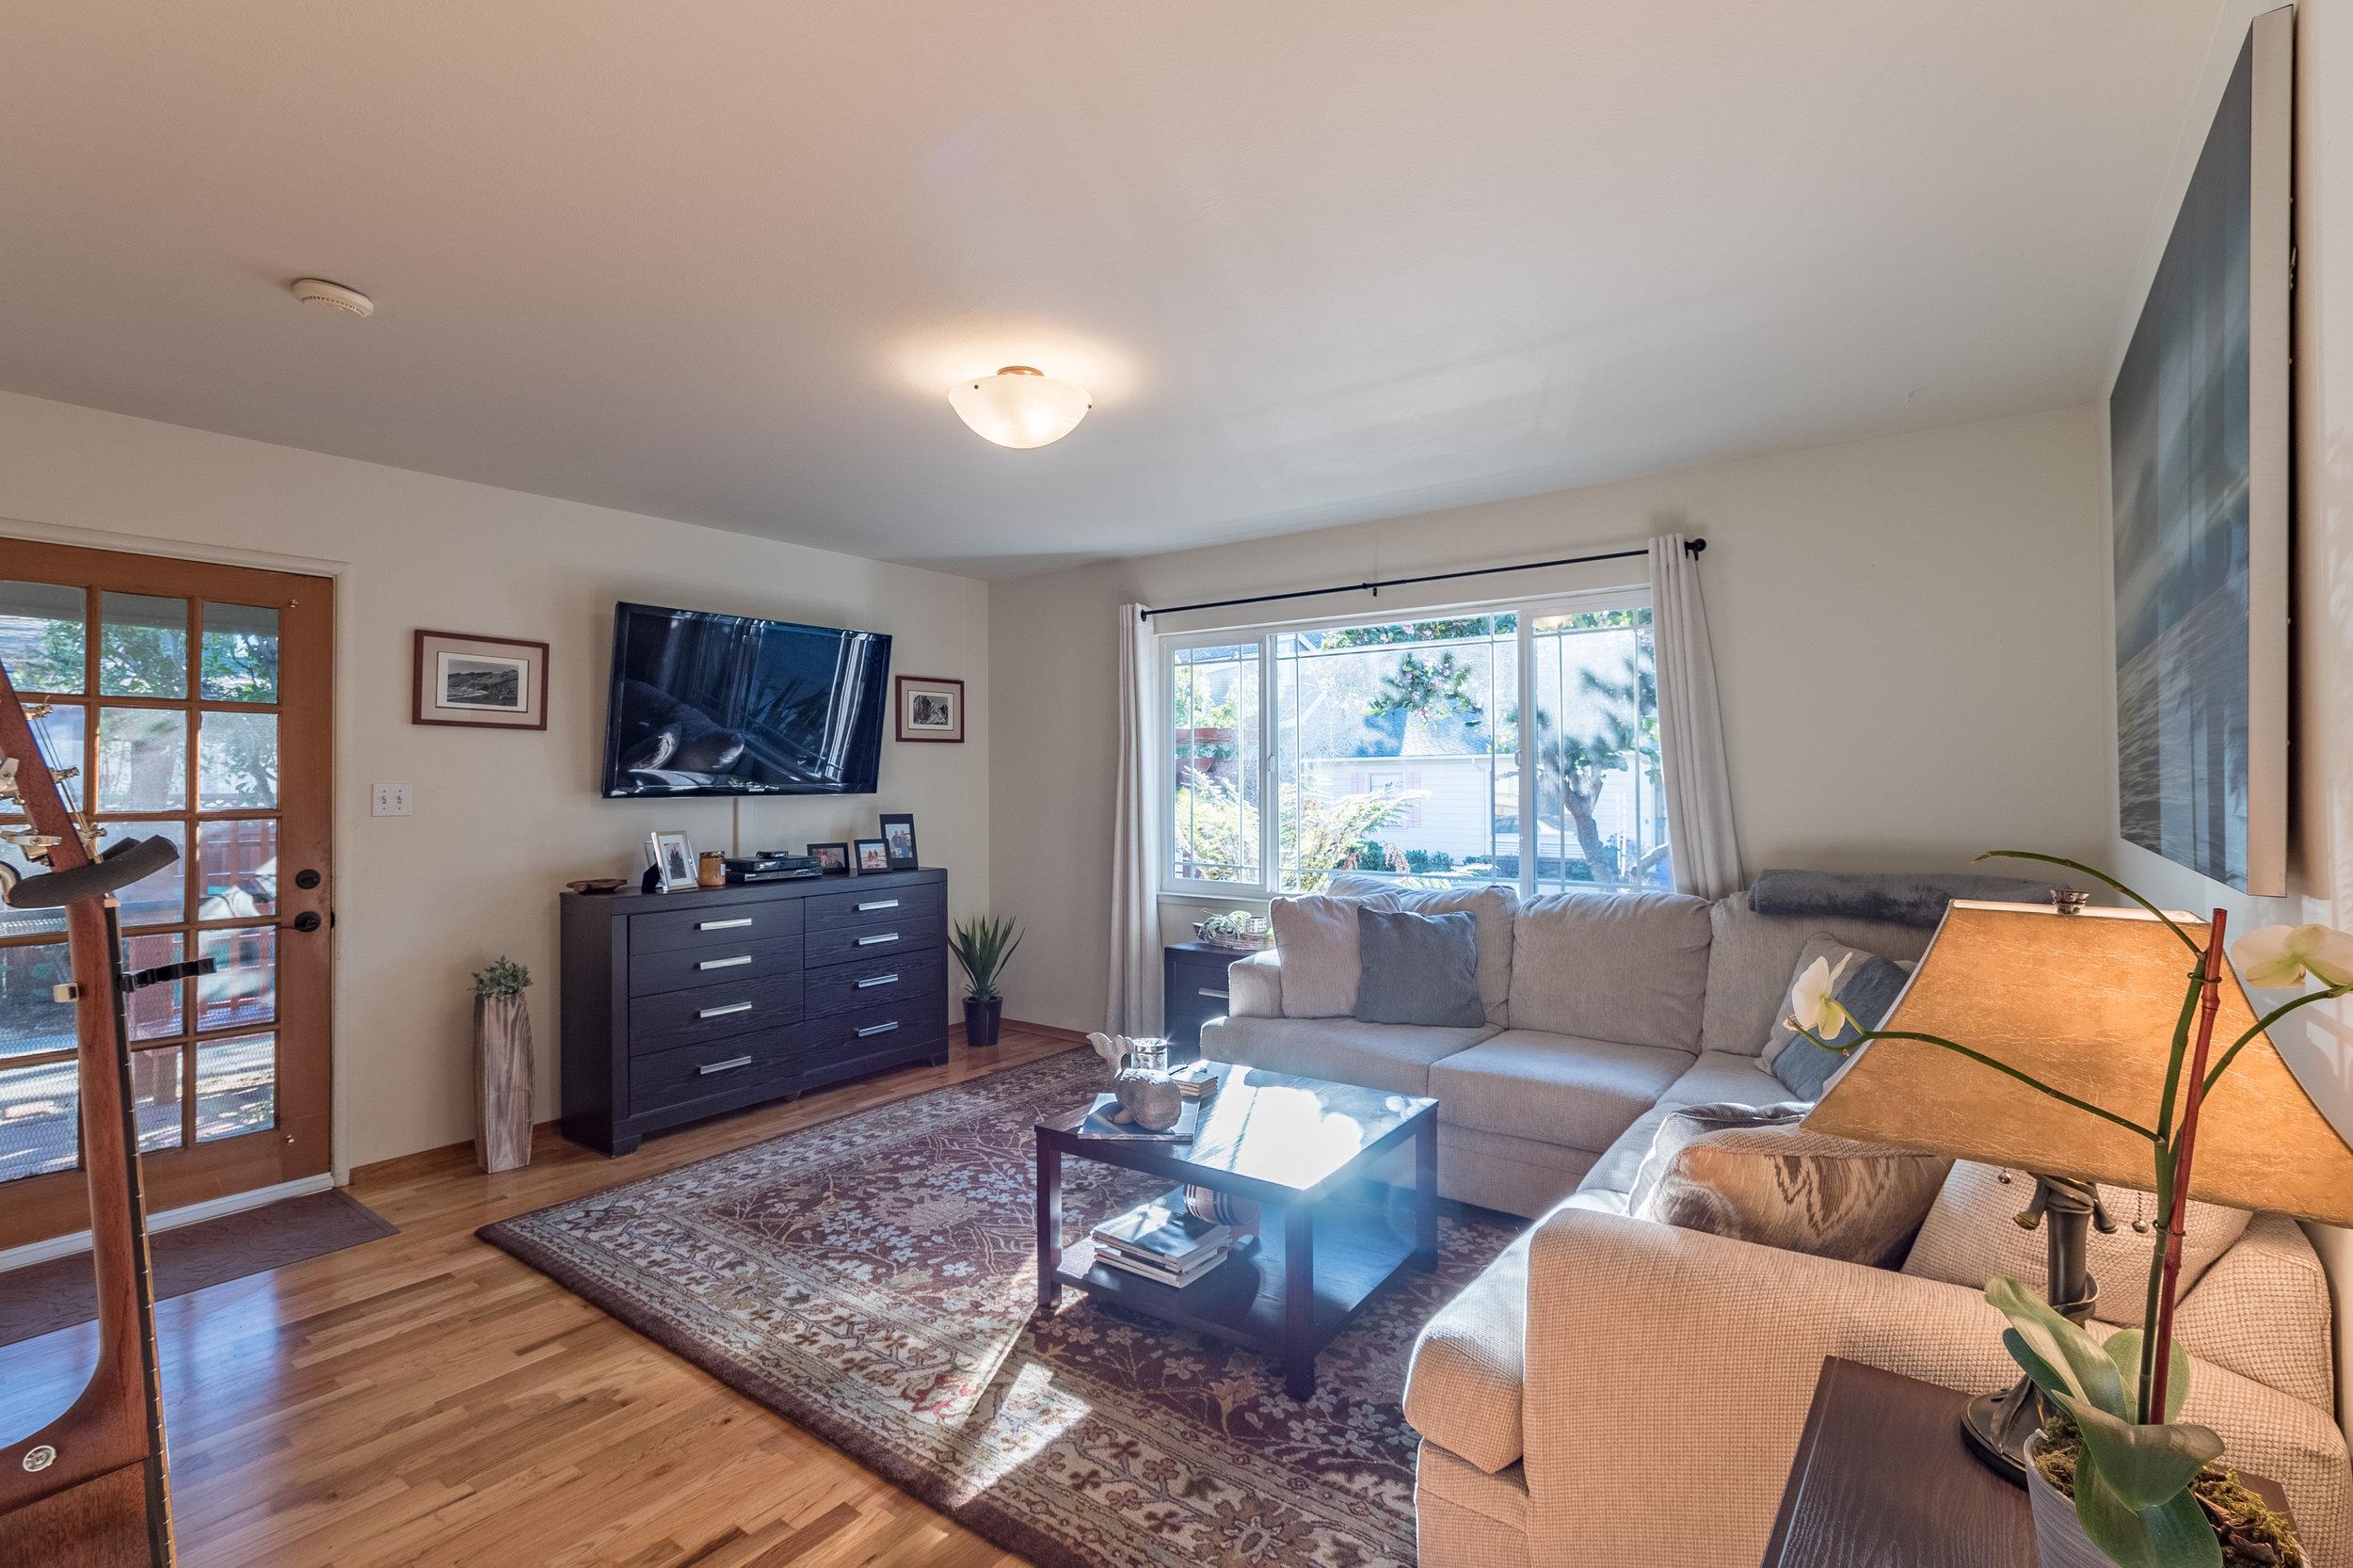 Light Filled Living Area Property for Sale Santa Cruz.jpg